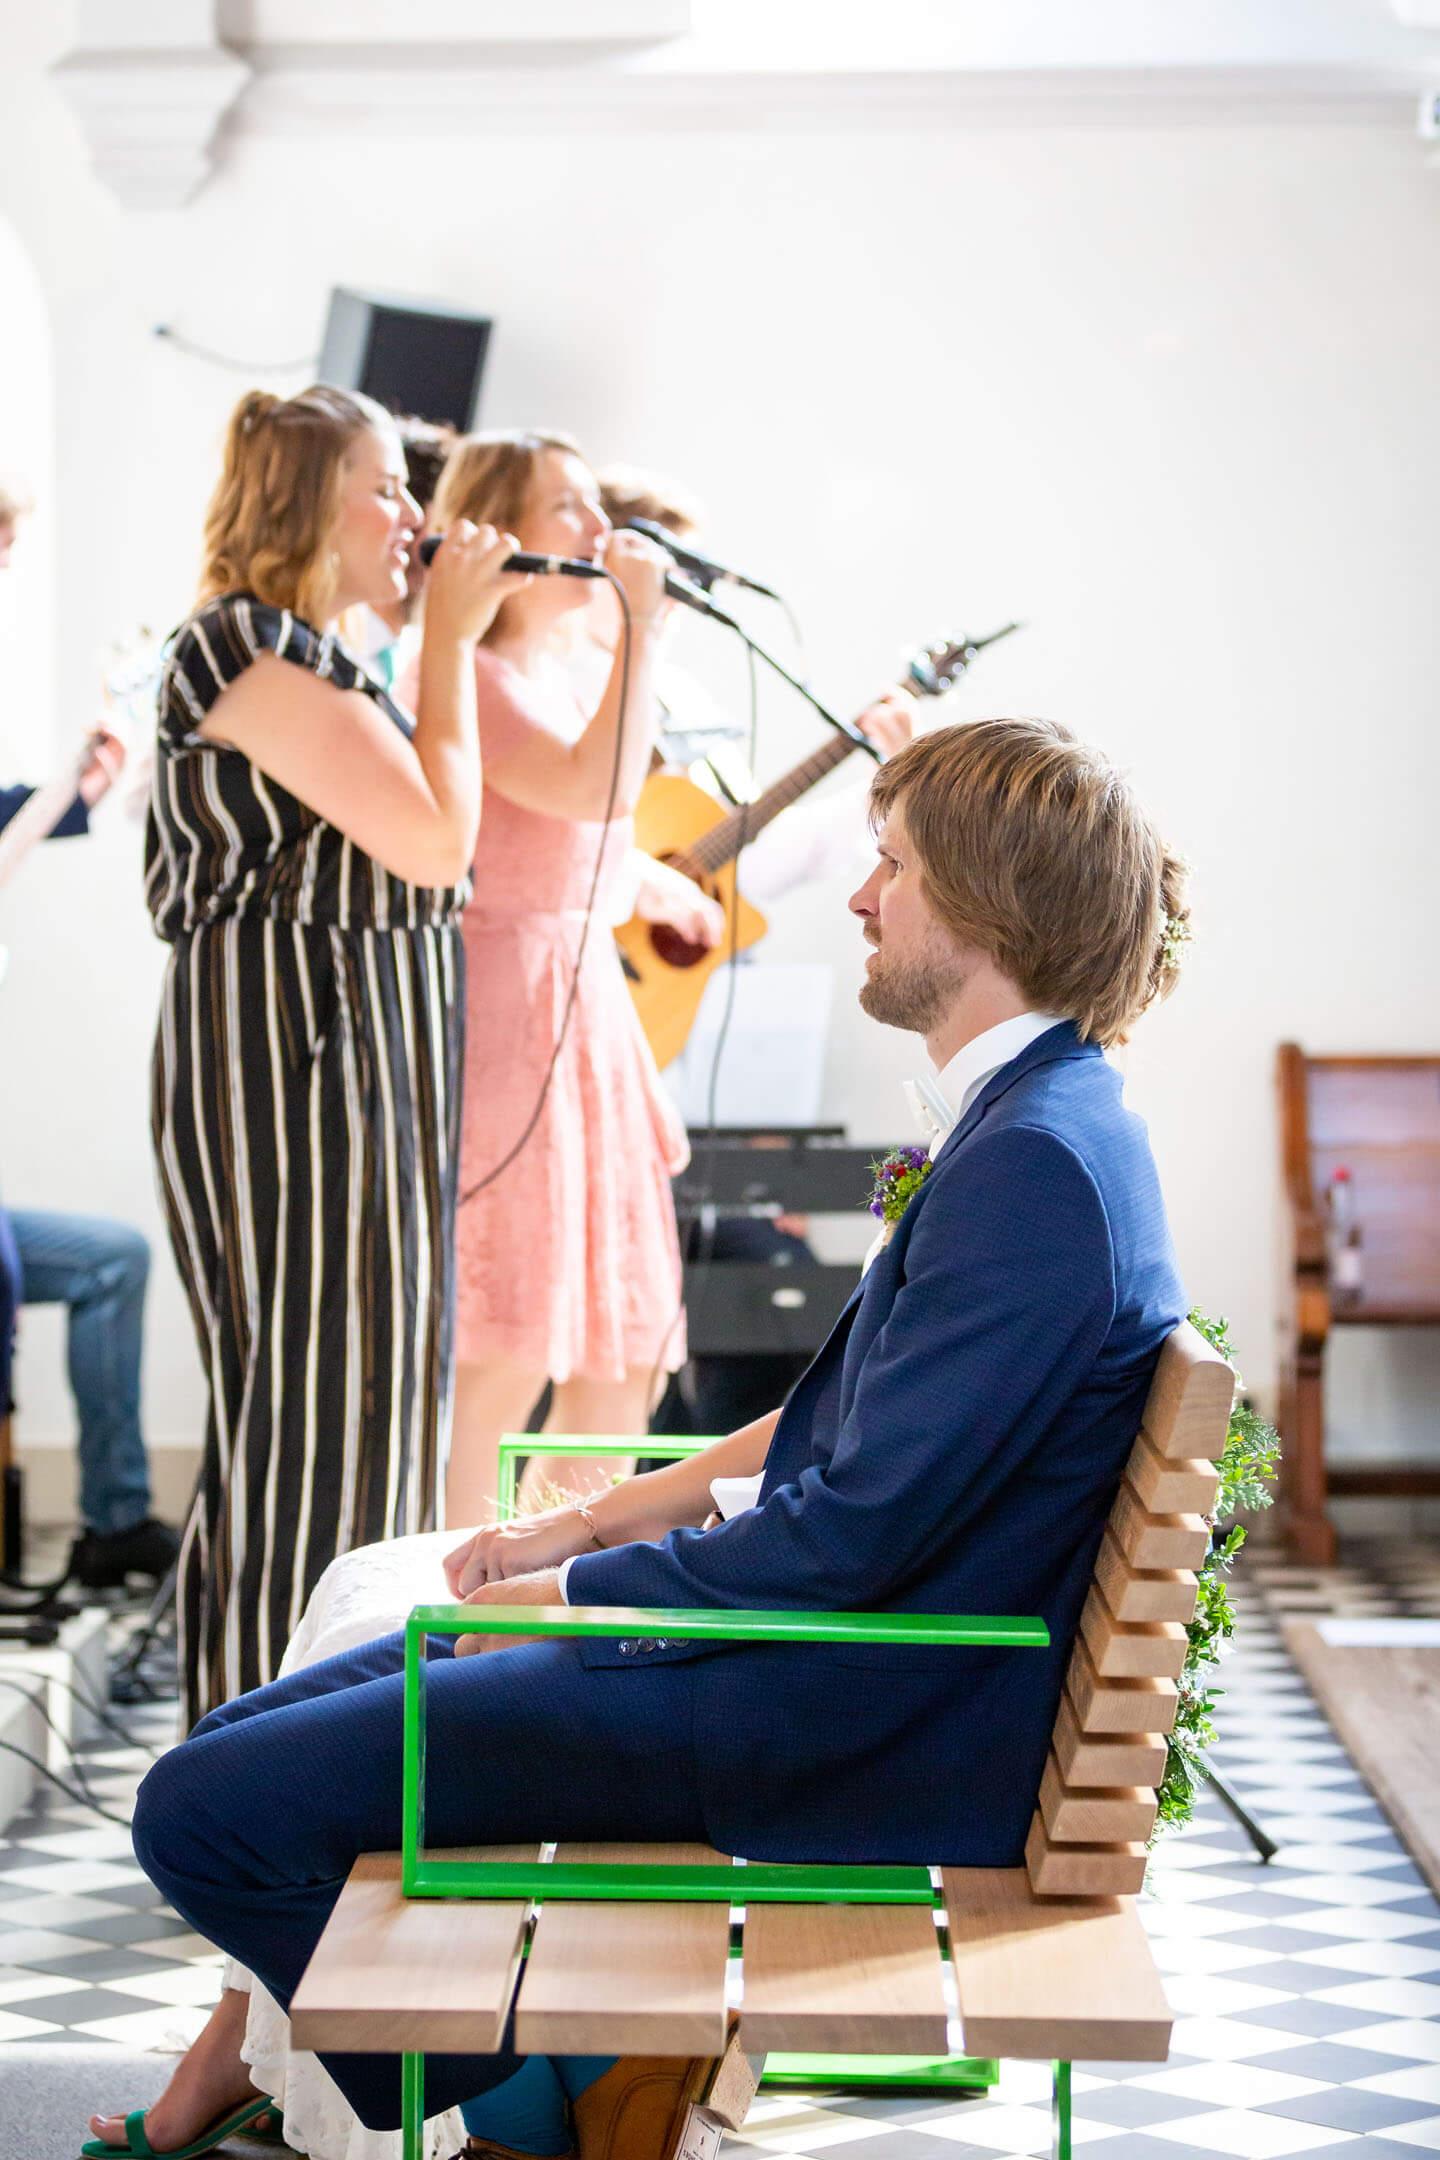 Sängerinnen und Hochzeitspaar